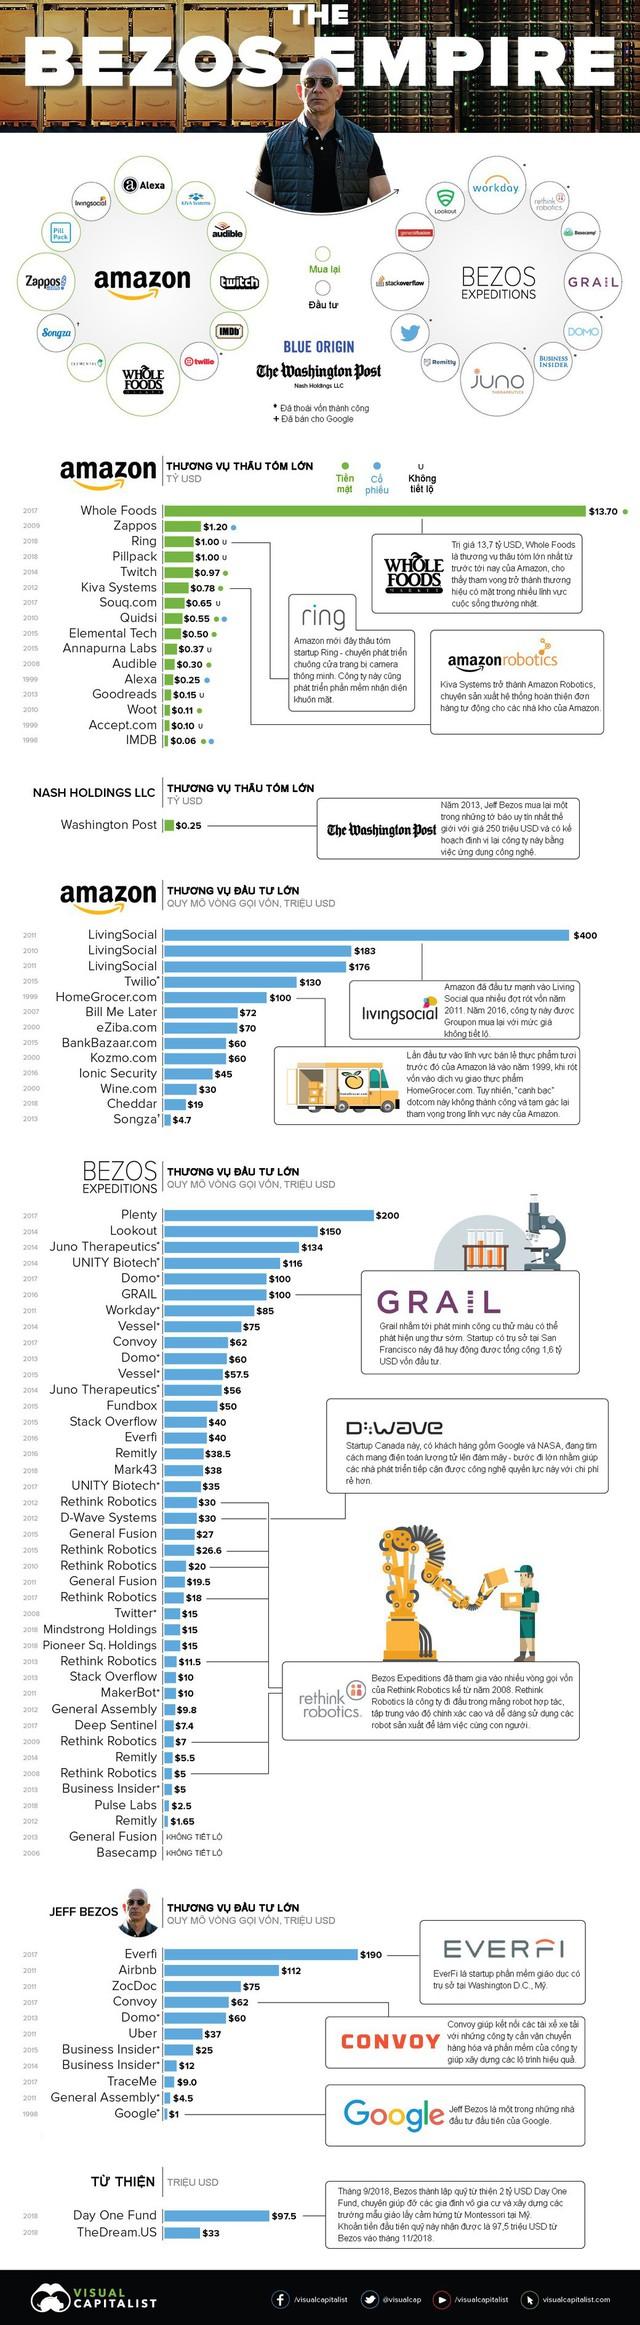 Đế chế khổng lồ tạo nên khối tài sản hơn 100 tỷ USD của Jeff Bezos: Amazon chỉ đóng góp 1 phần! - Ảnh 1.